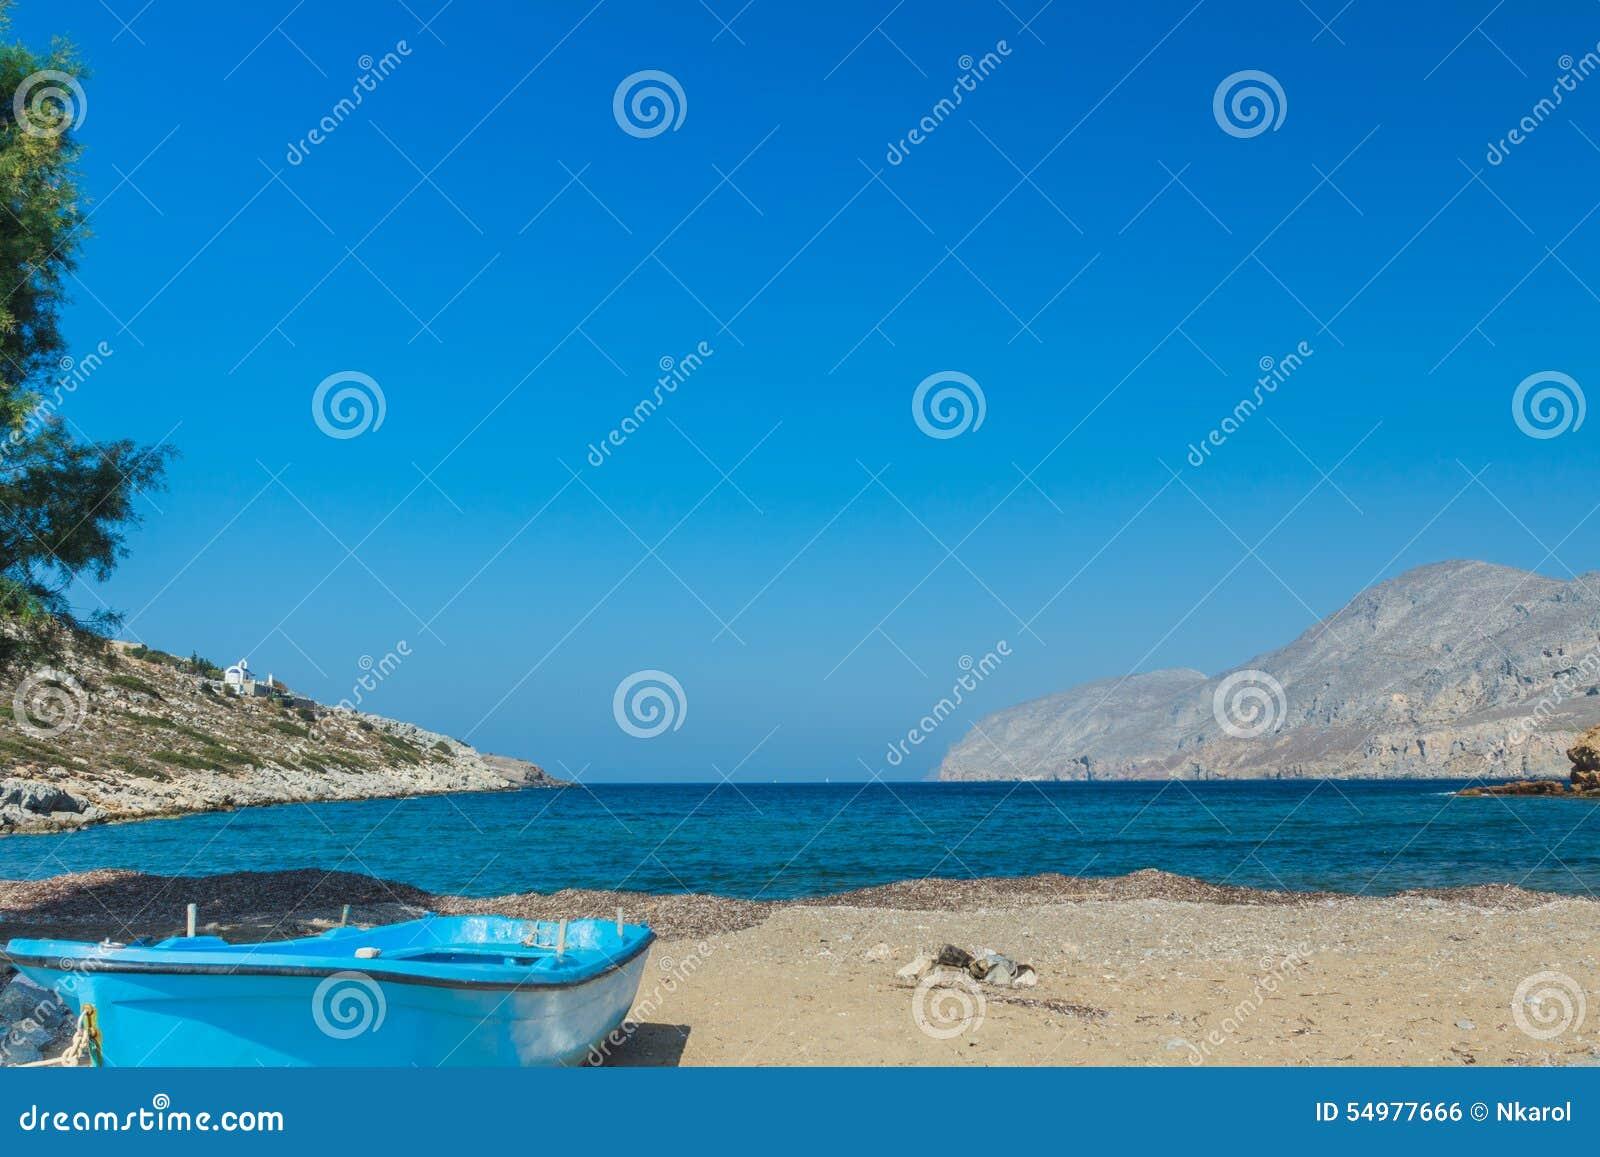 Azure fishermans boat and sea horizon line on Alexi or Alexis beach near Emborios Greek village on Kalymnos island